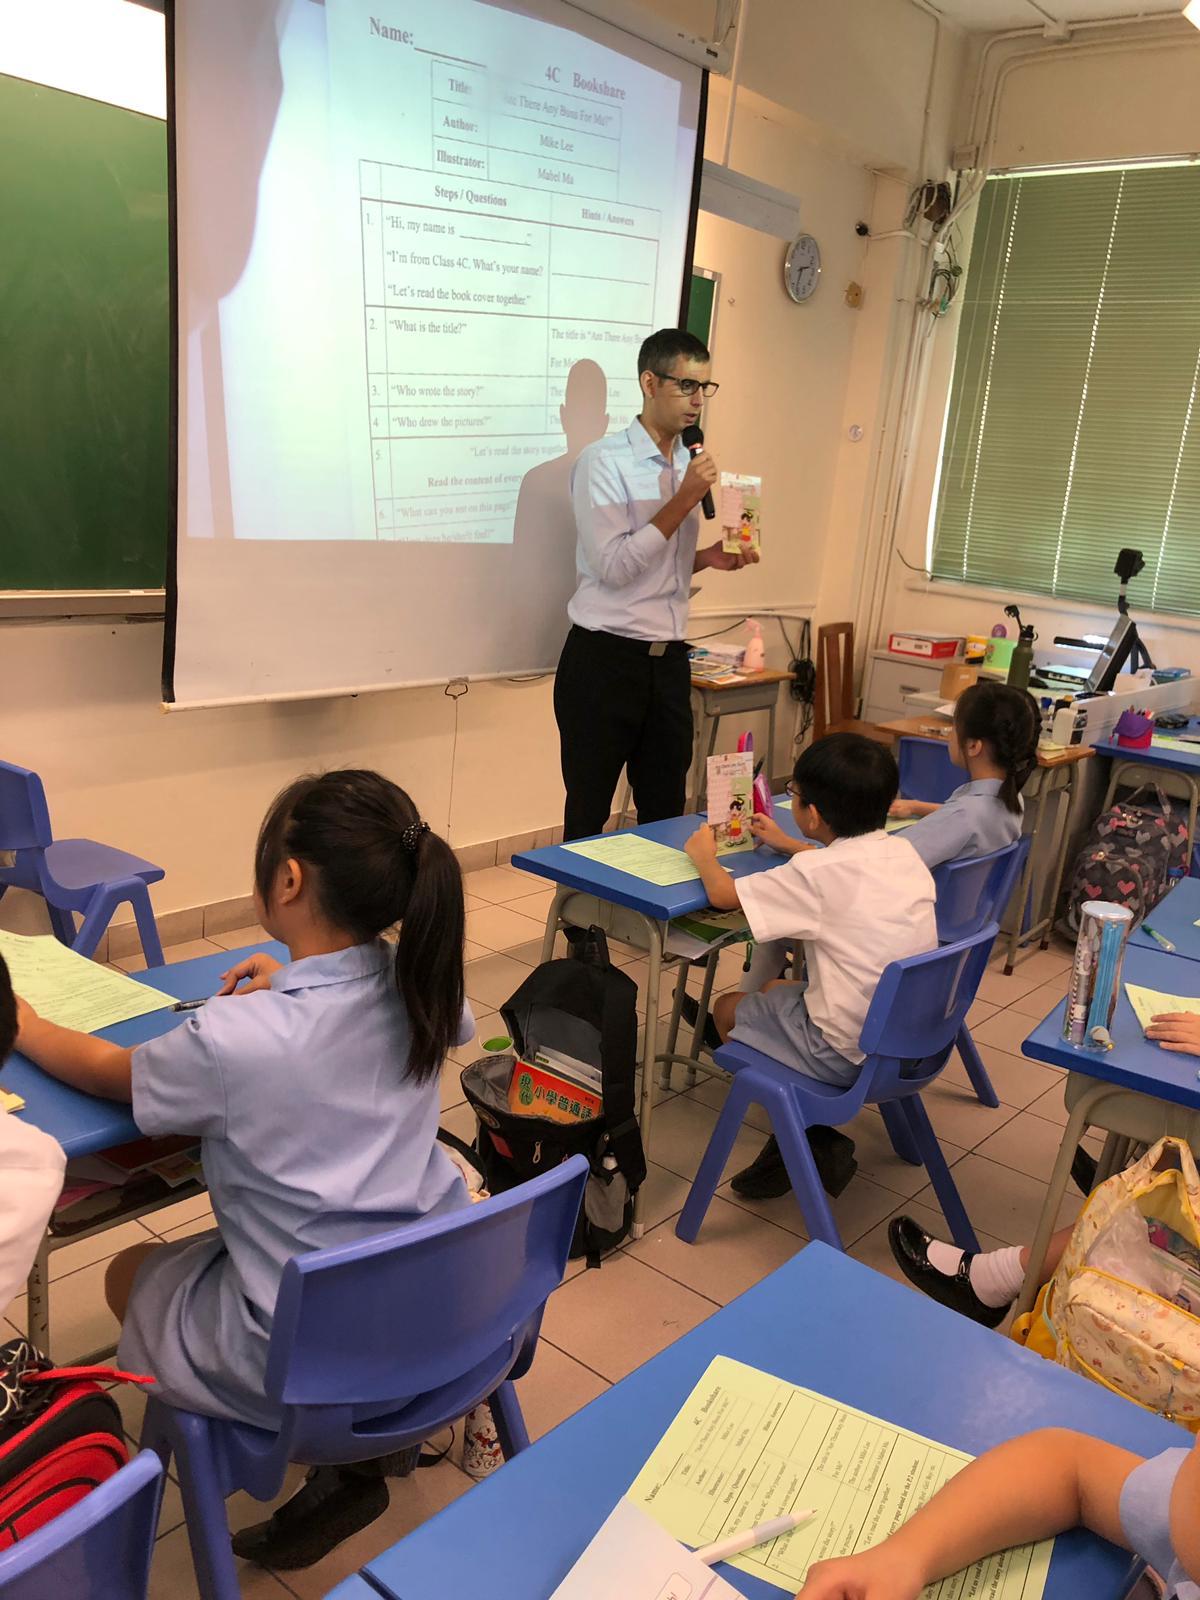 http://www.keiwan.edu.hk/sites/default/files/46_1.jpg